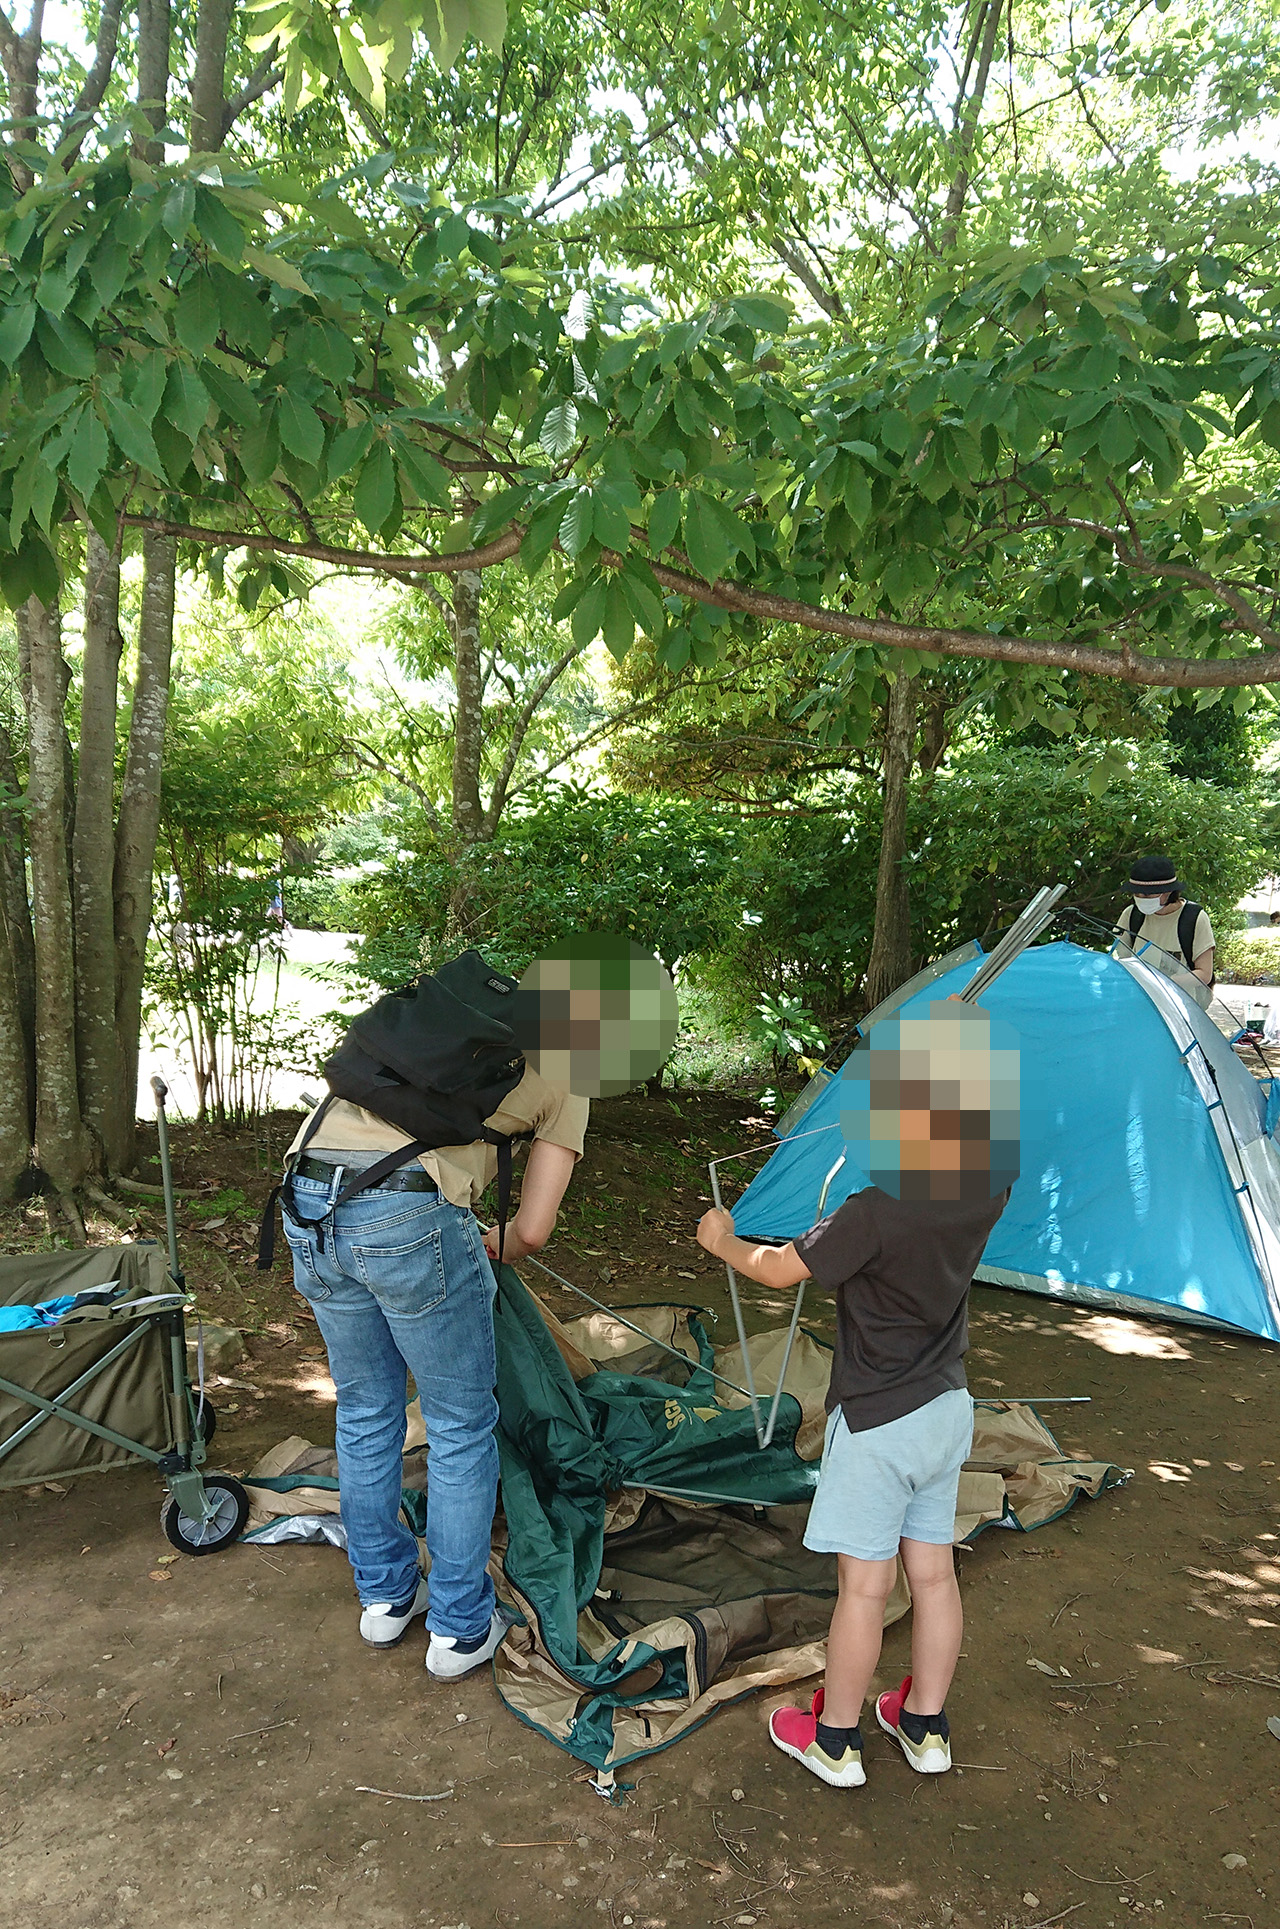 テントを組み立てる様子の写真